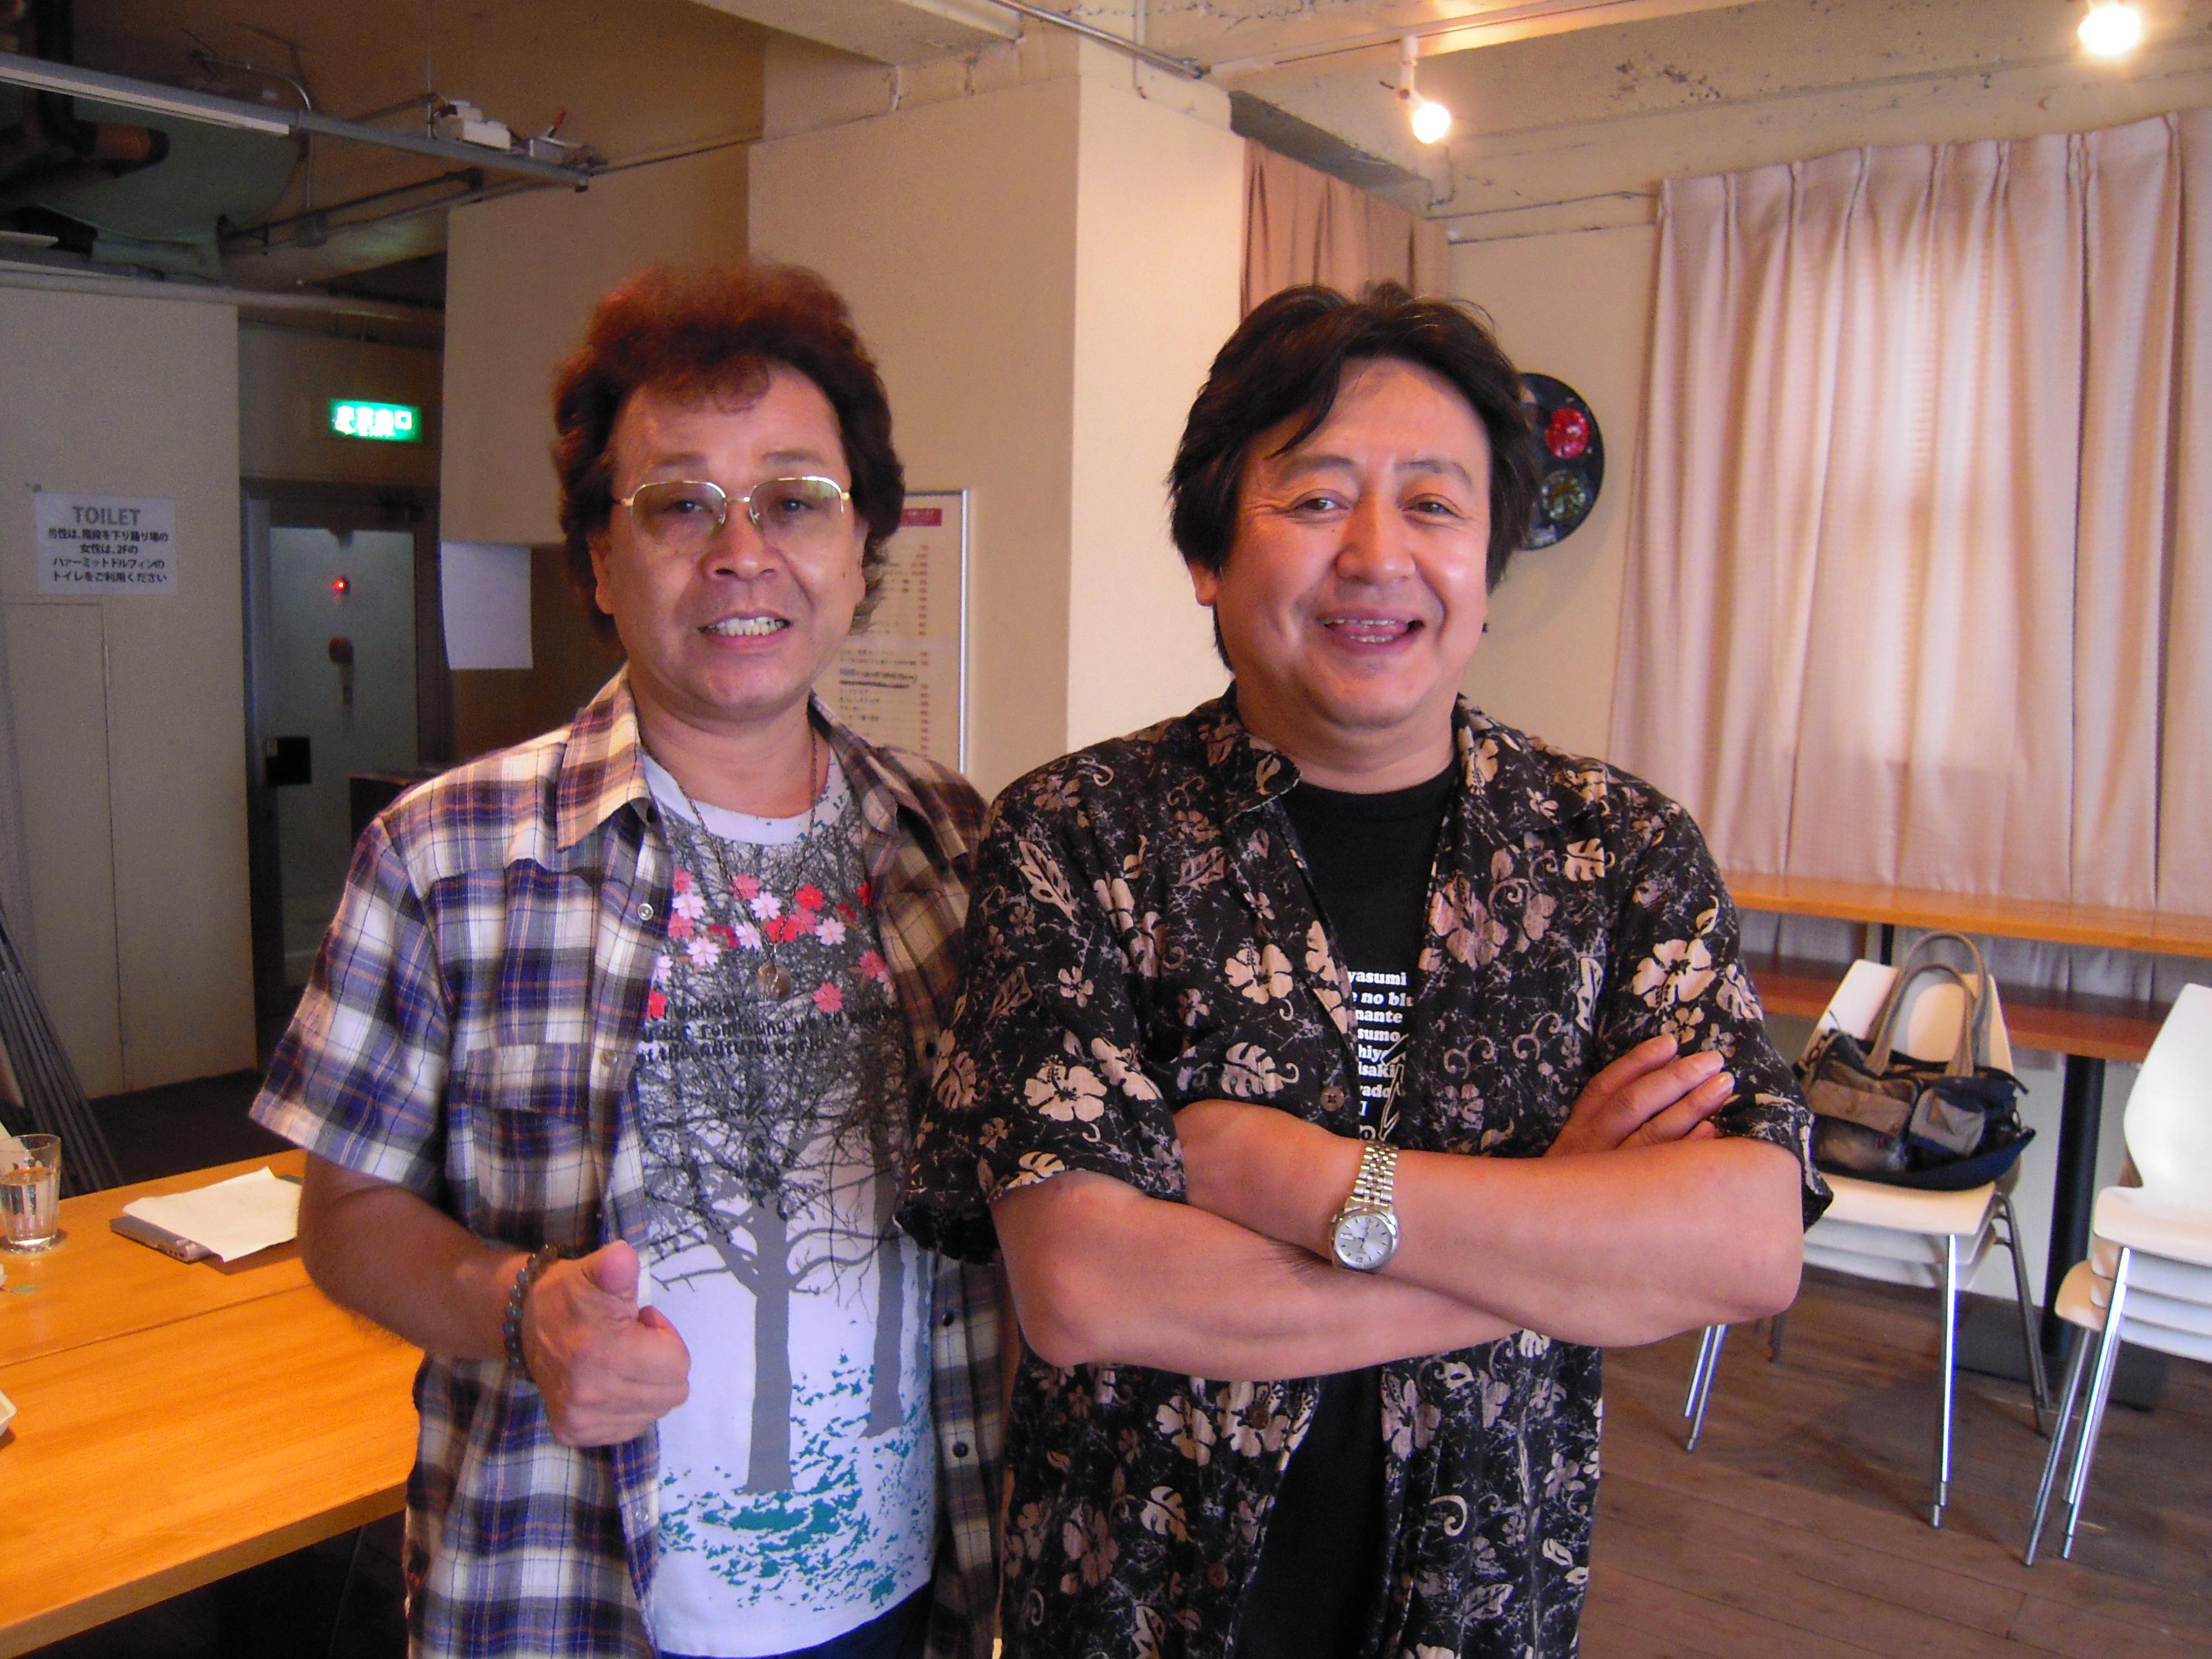 楽屋にテリー中本さんが遊びにいらっしゃいました。本番前のひととき。